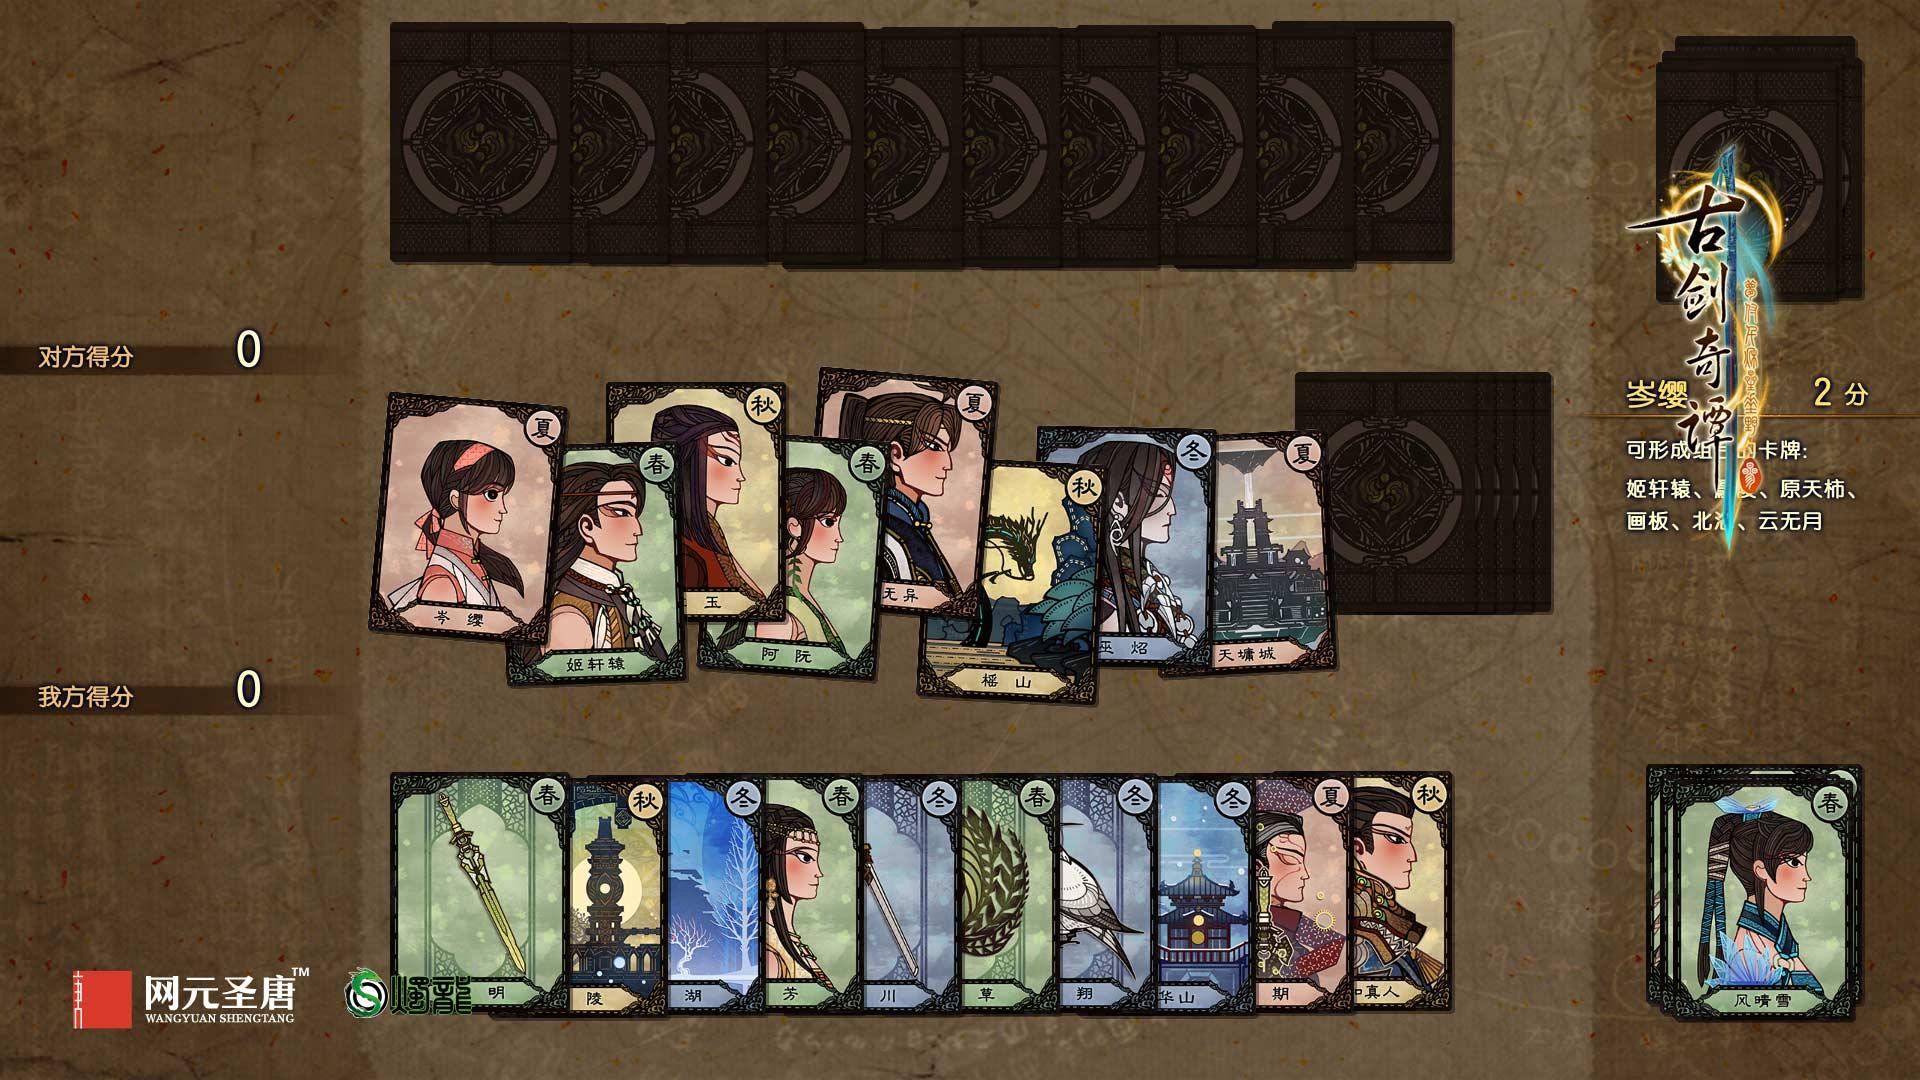 《古剑奇谭三》全新挑战玩法拓展包4月11日免费更新 今日开启折扣促销